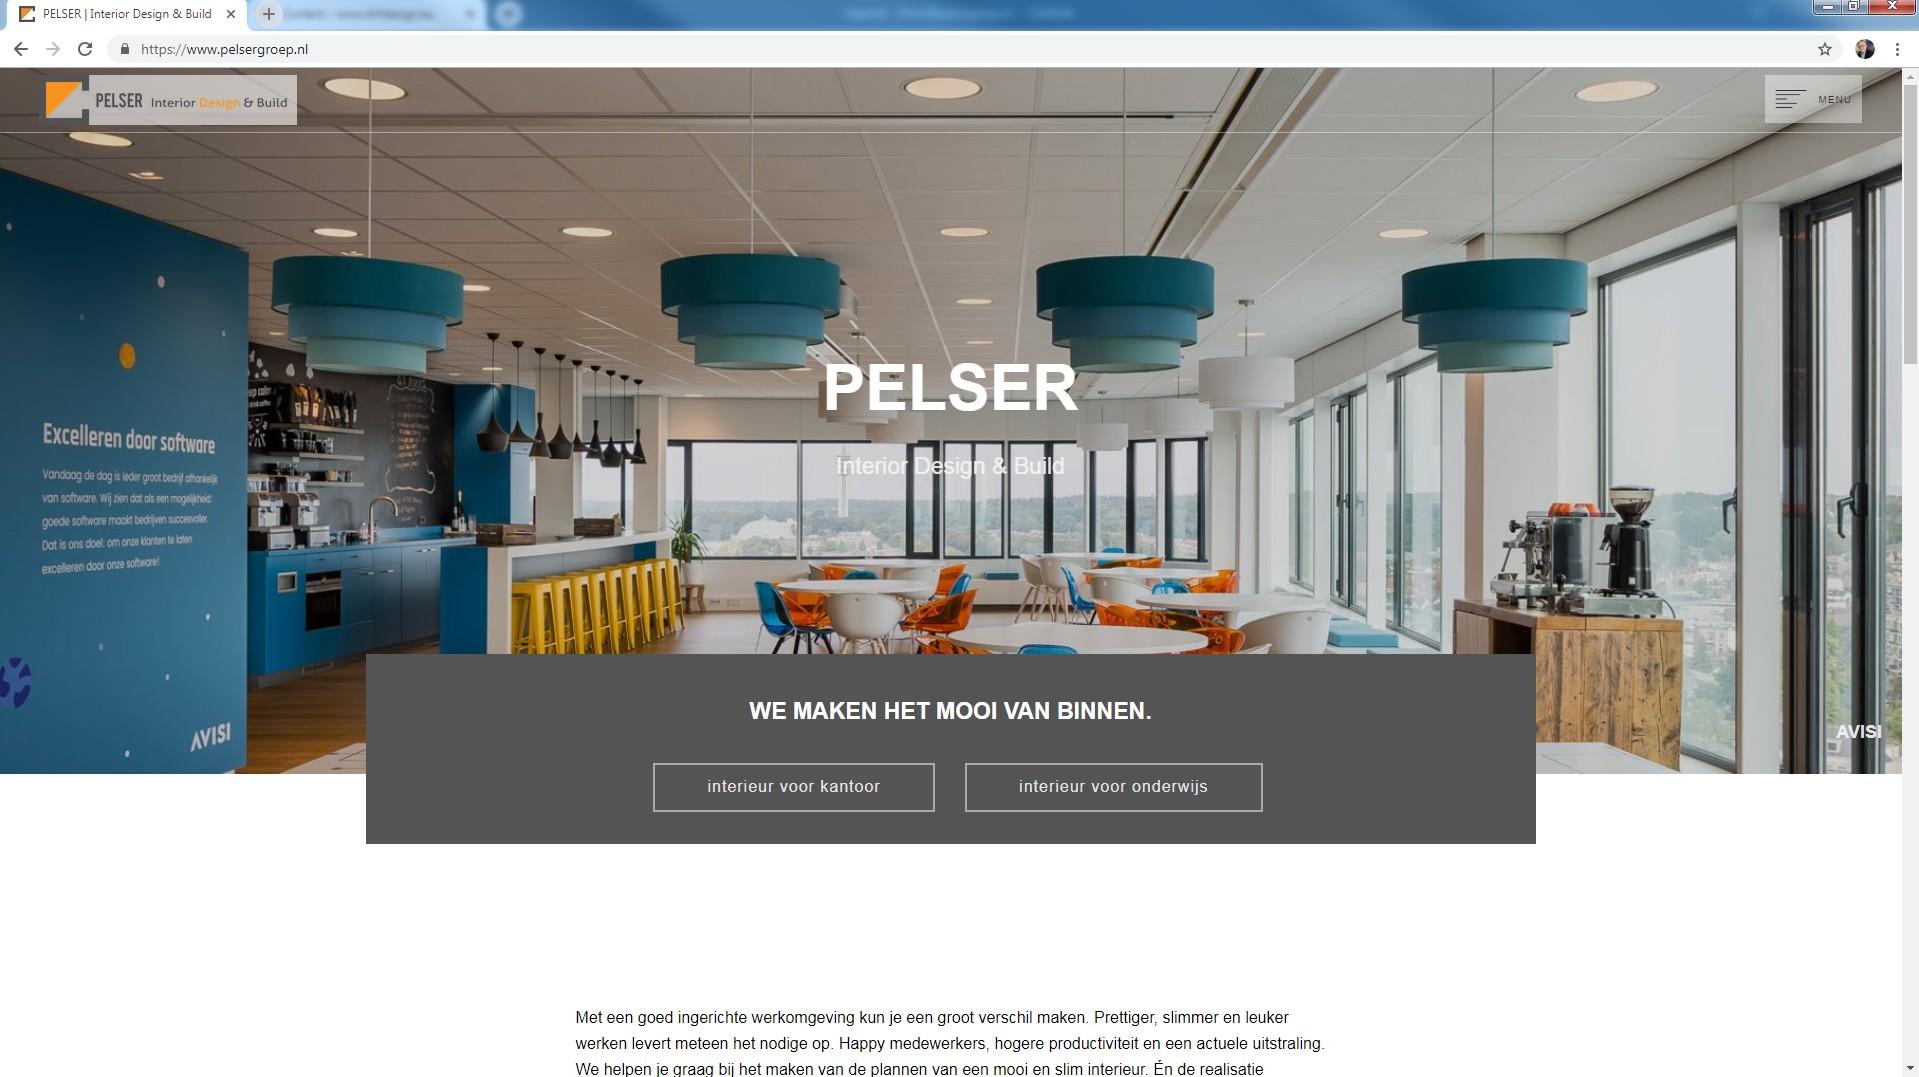 De Groot Interieur Realisatie.Pelser Interior Design Build Linkedin